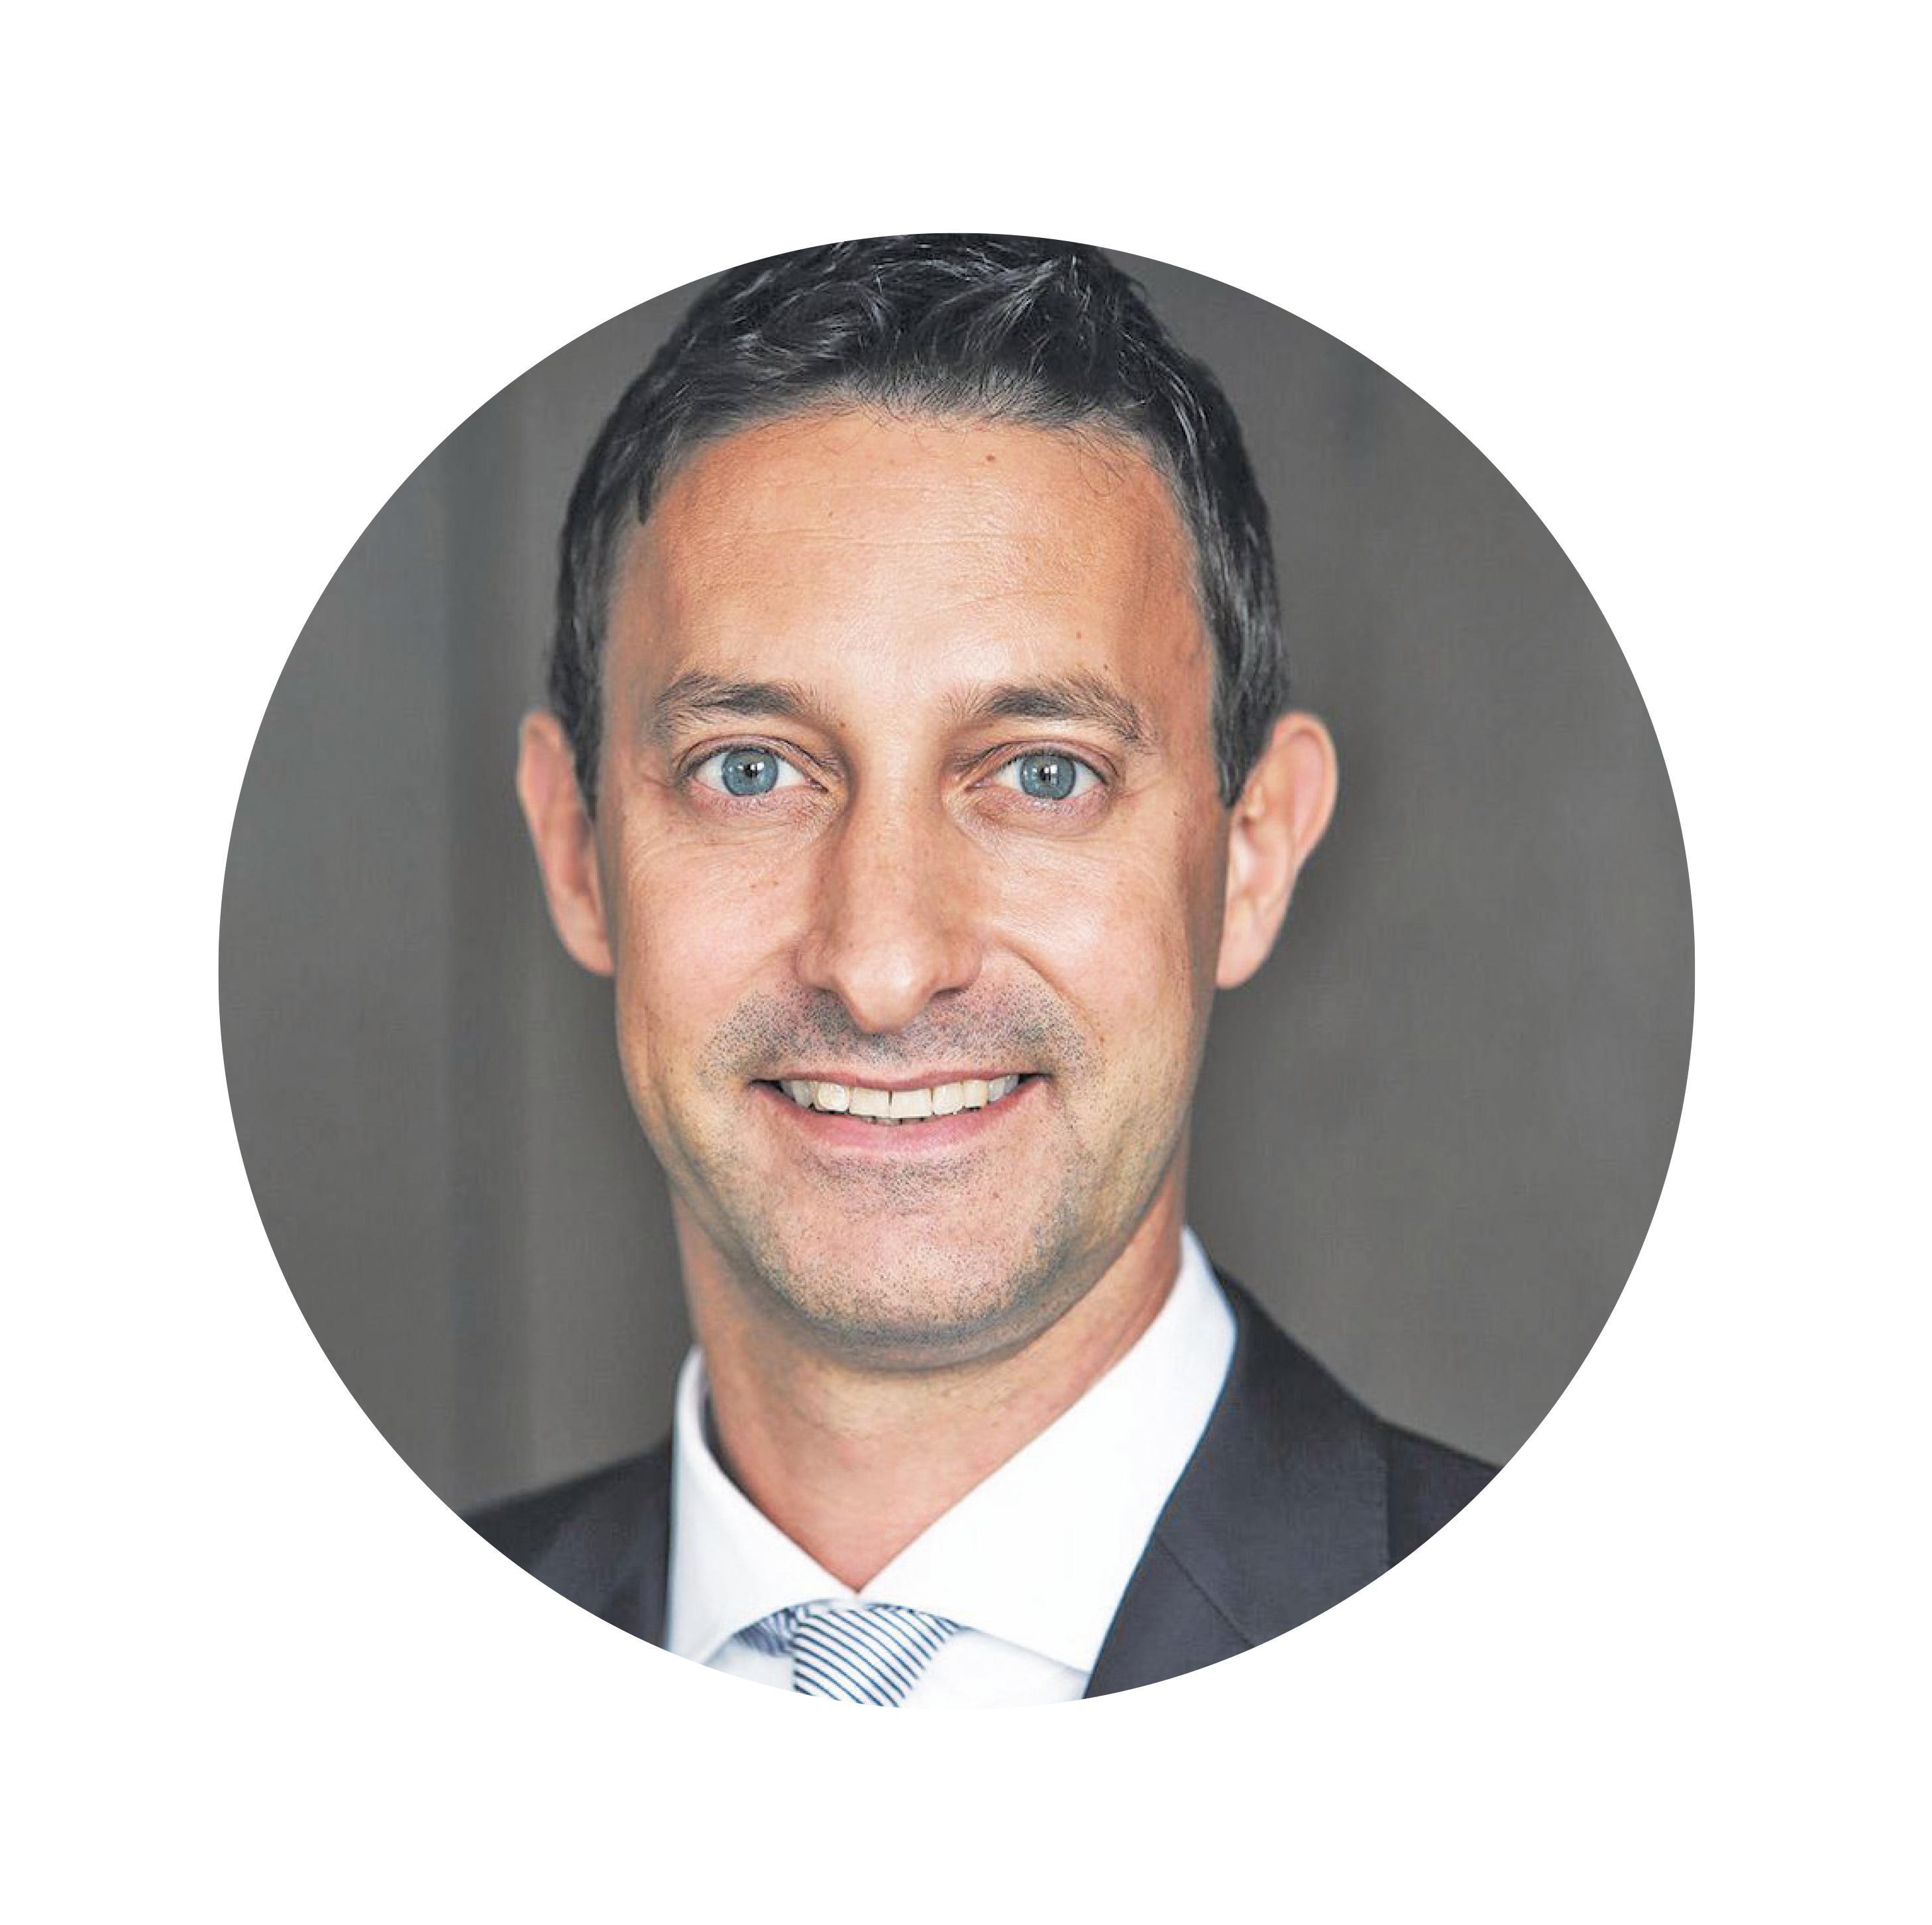 Achim Ihrig, Mitglied Management Board der DIRINGER & SCHEIDEL Unternehmensgruppe, BILD: DAMMERT